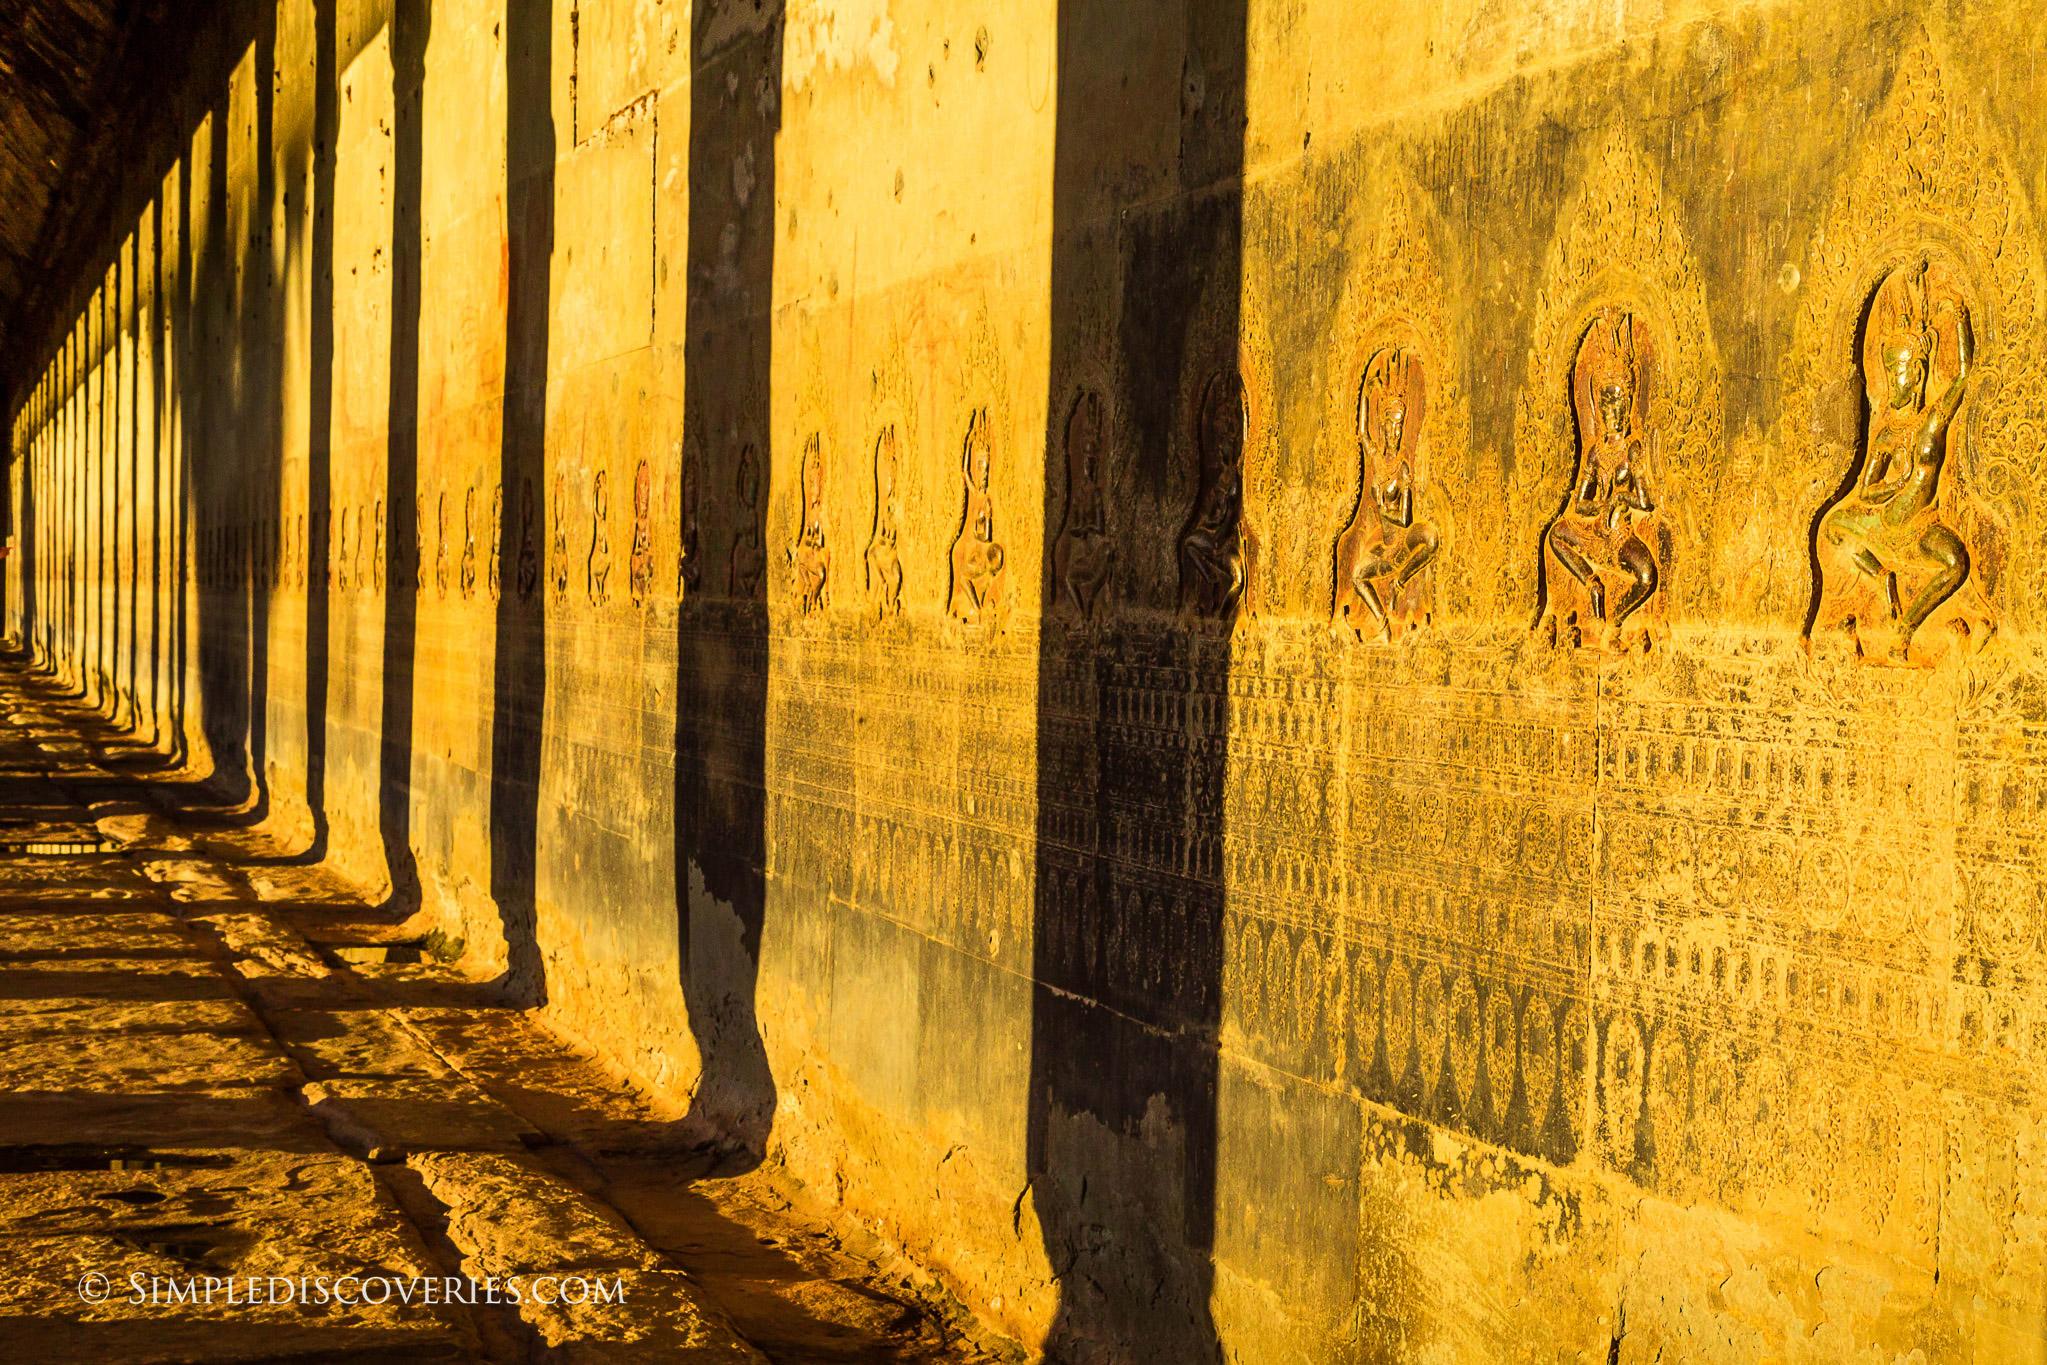 cambodia_temple_shadows